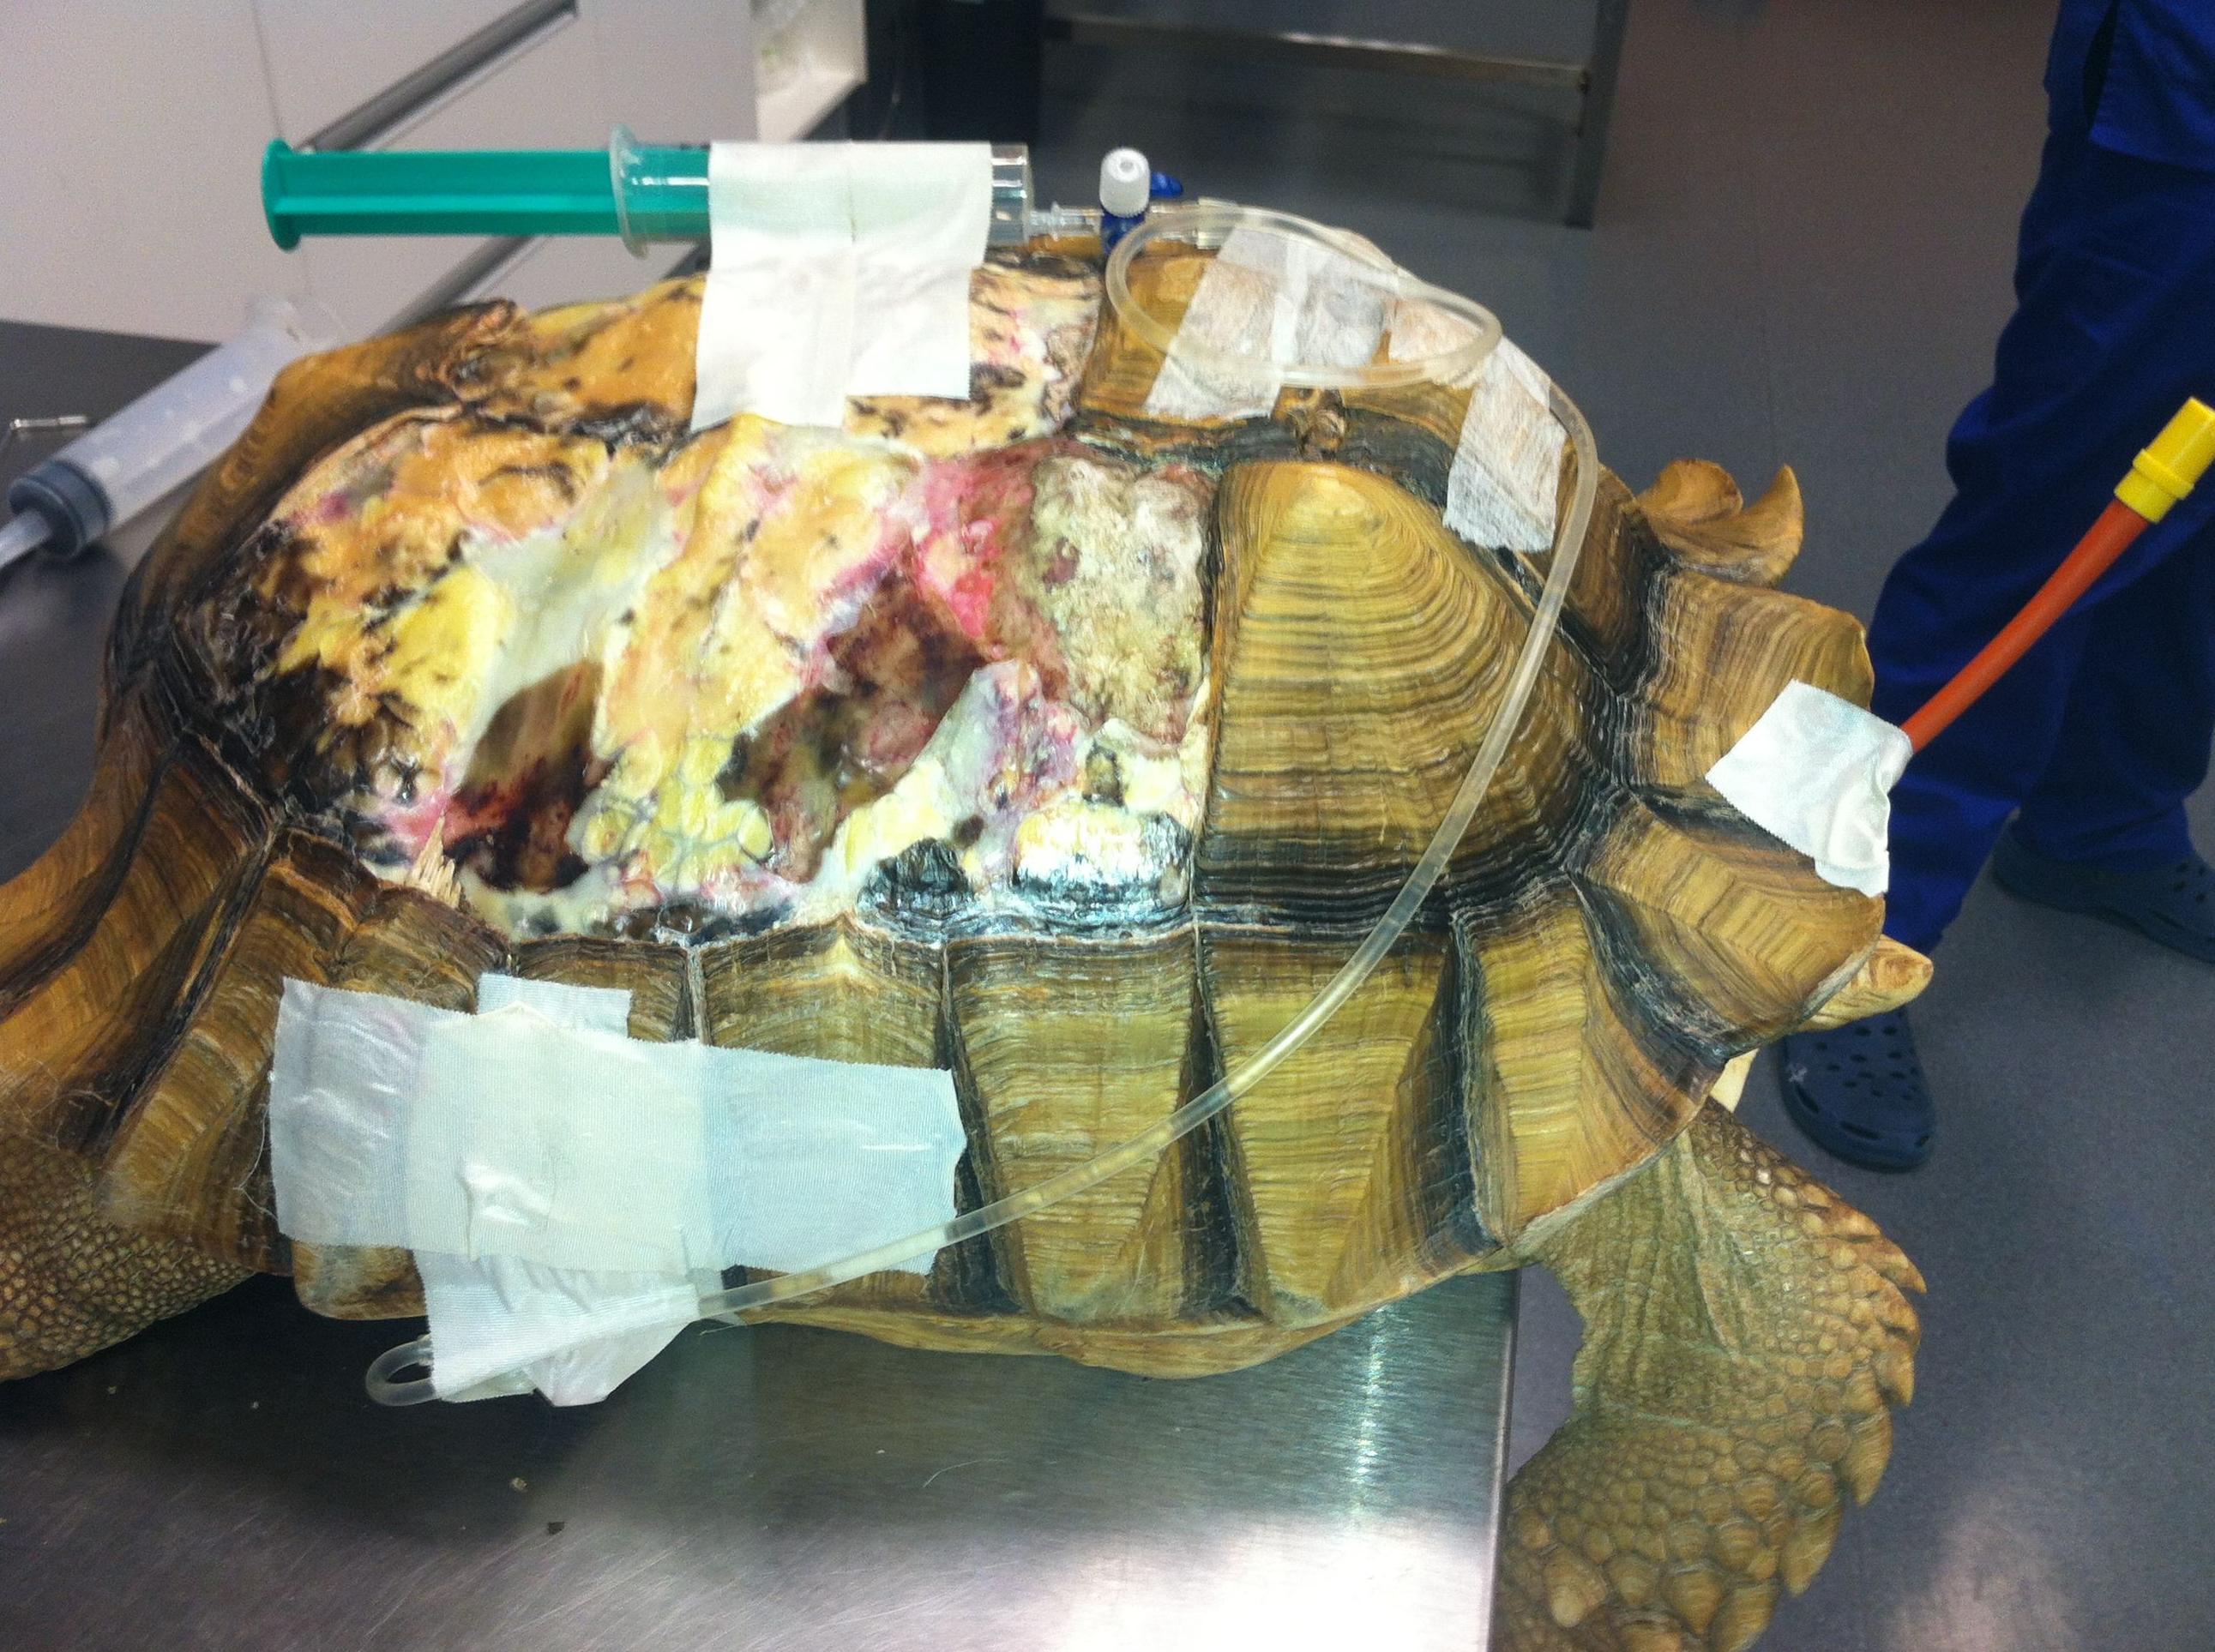 Hospitalización: ¿Qué hacemos? de Clinica Veterinaria Tot Exotics Zoolandia